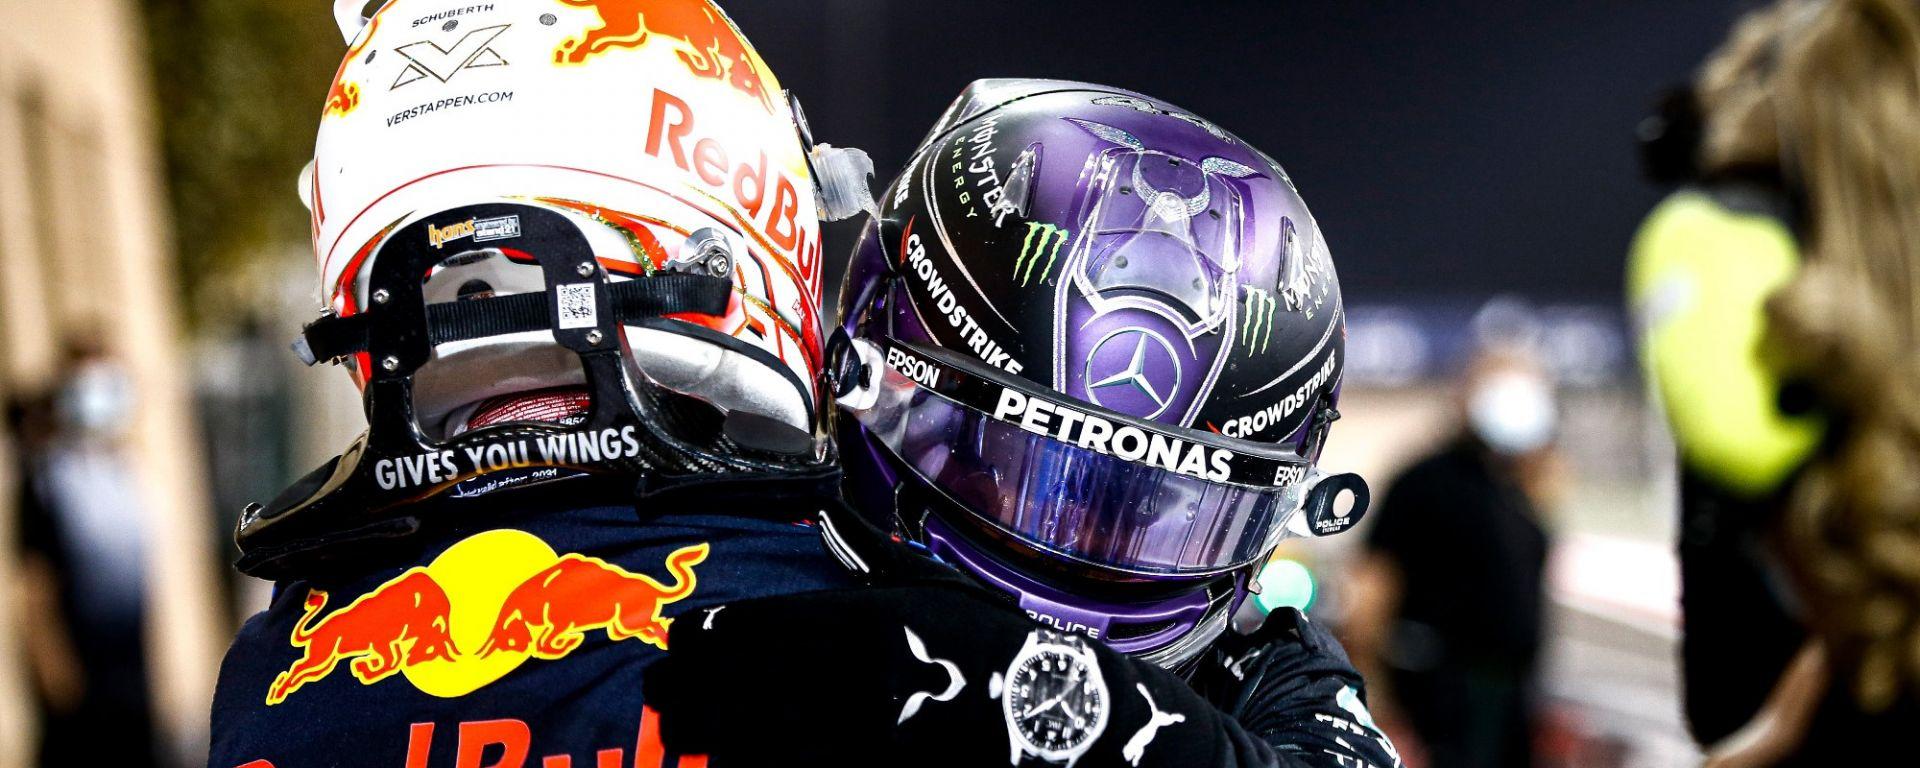 GP Bahrain 2021, Hamilton (Mercedes) e Verstappen (Red Bull)